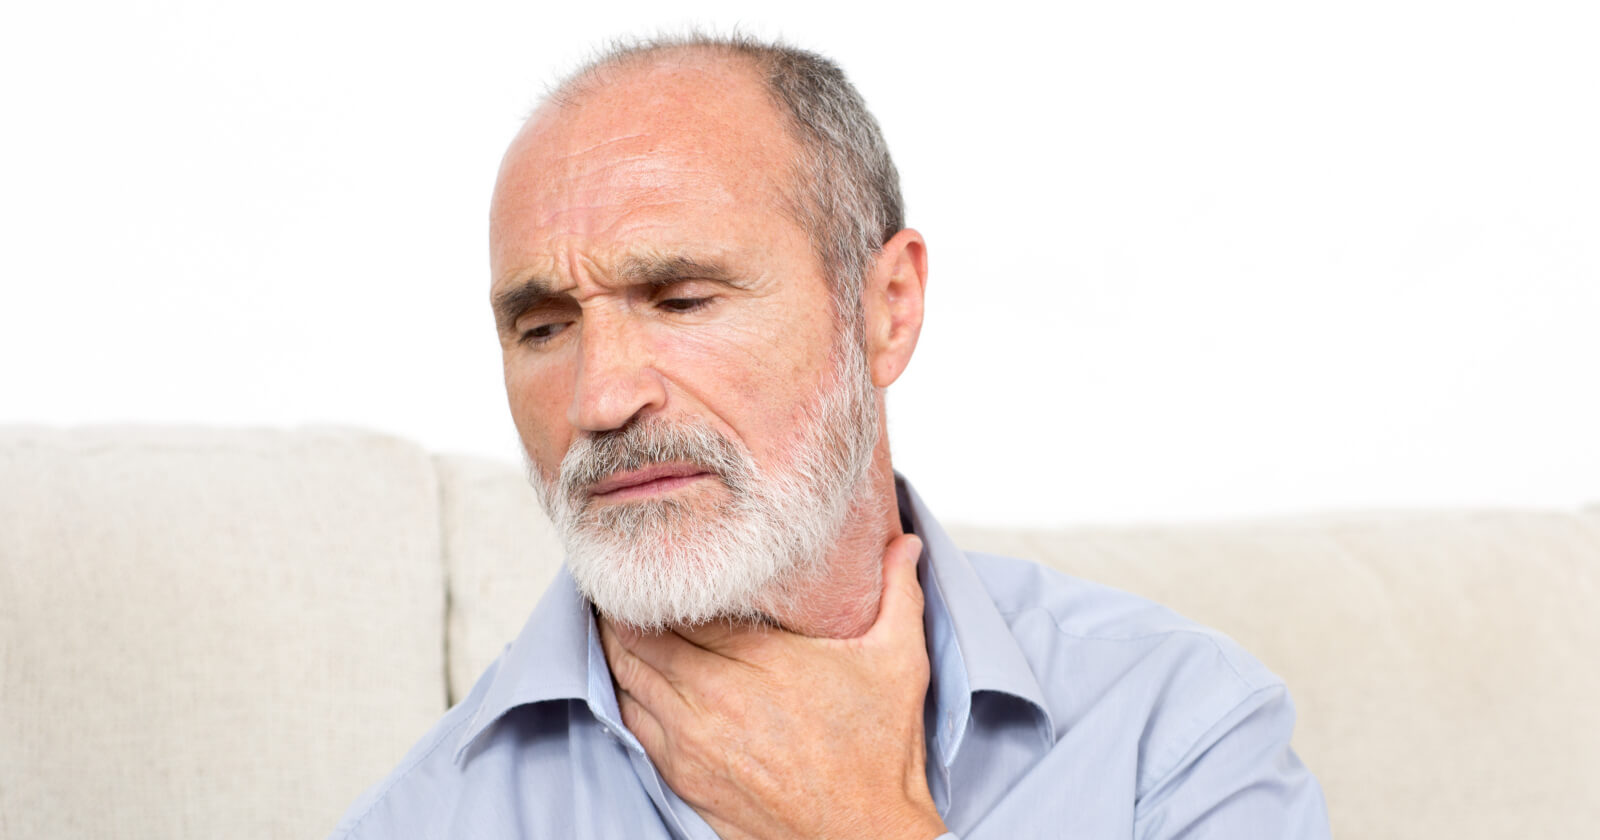 Ösophagusdivertikel Symptome Und Therapie